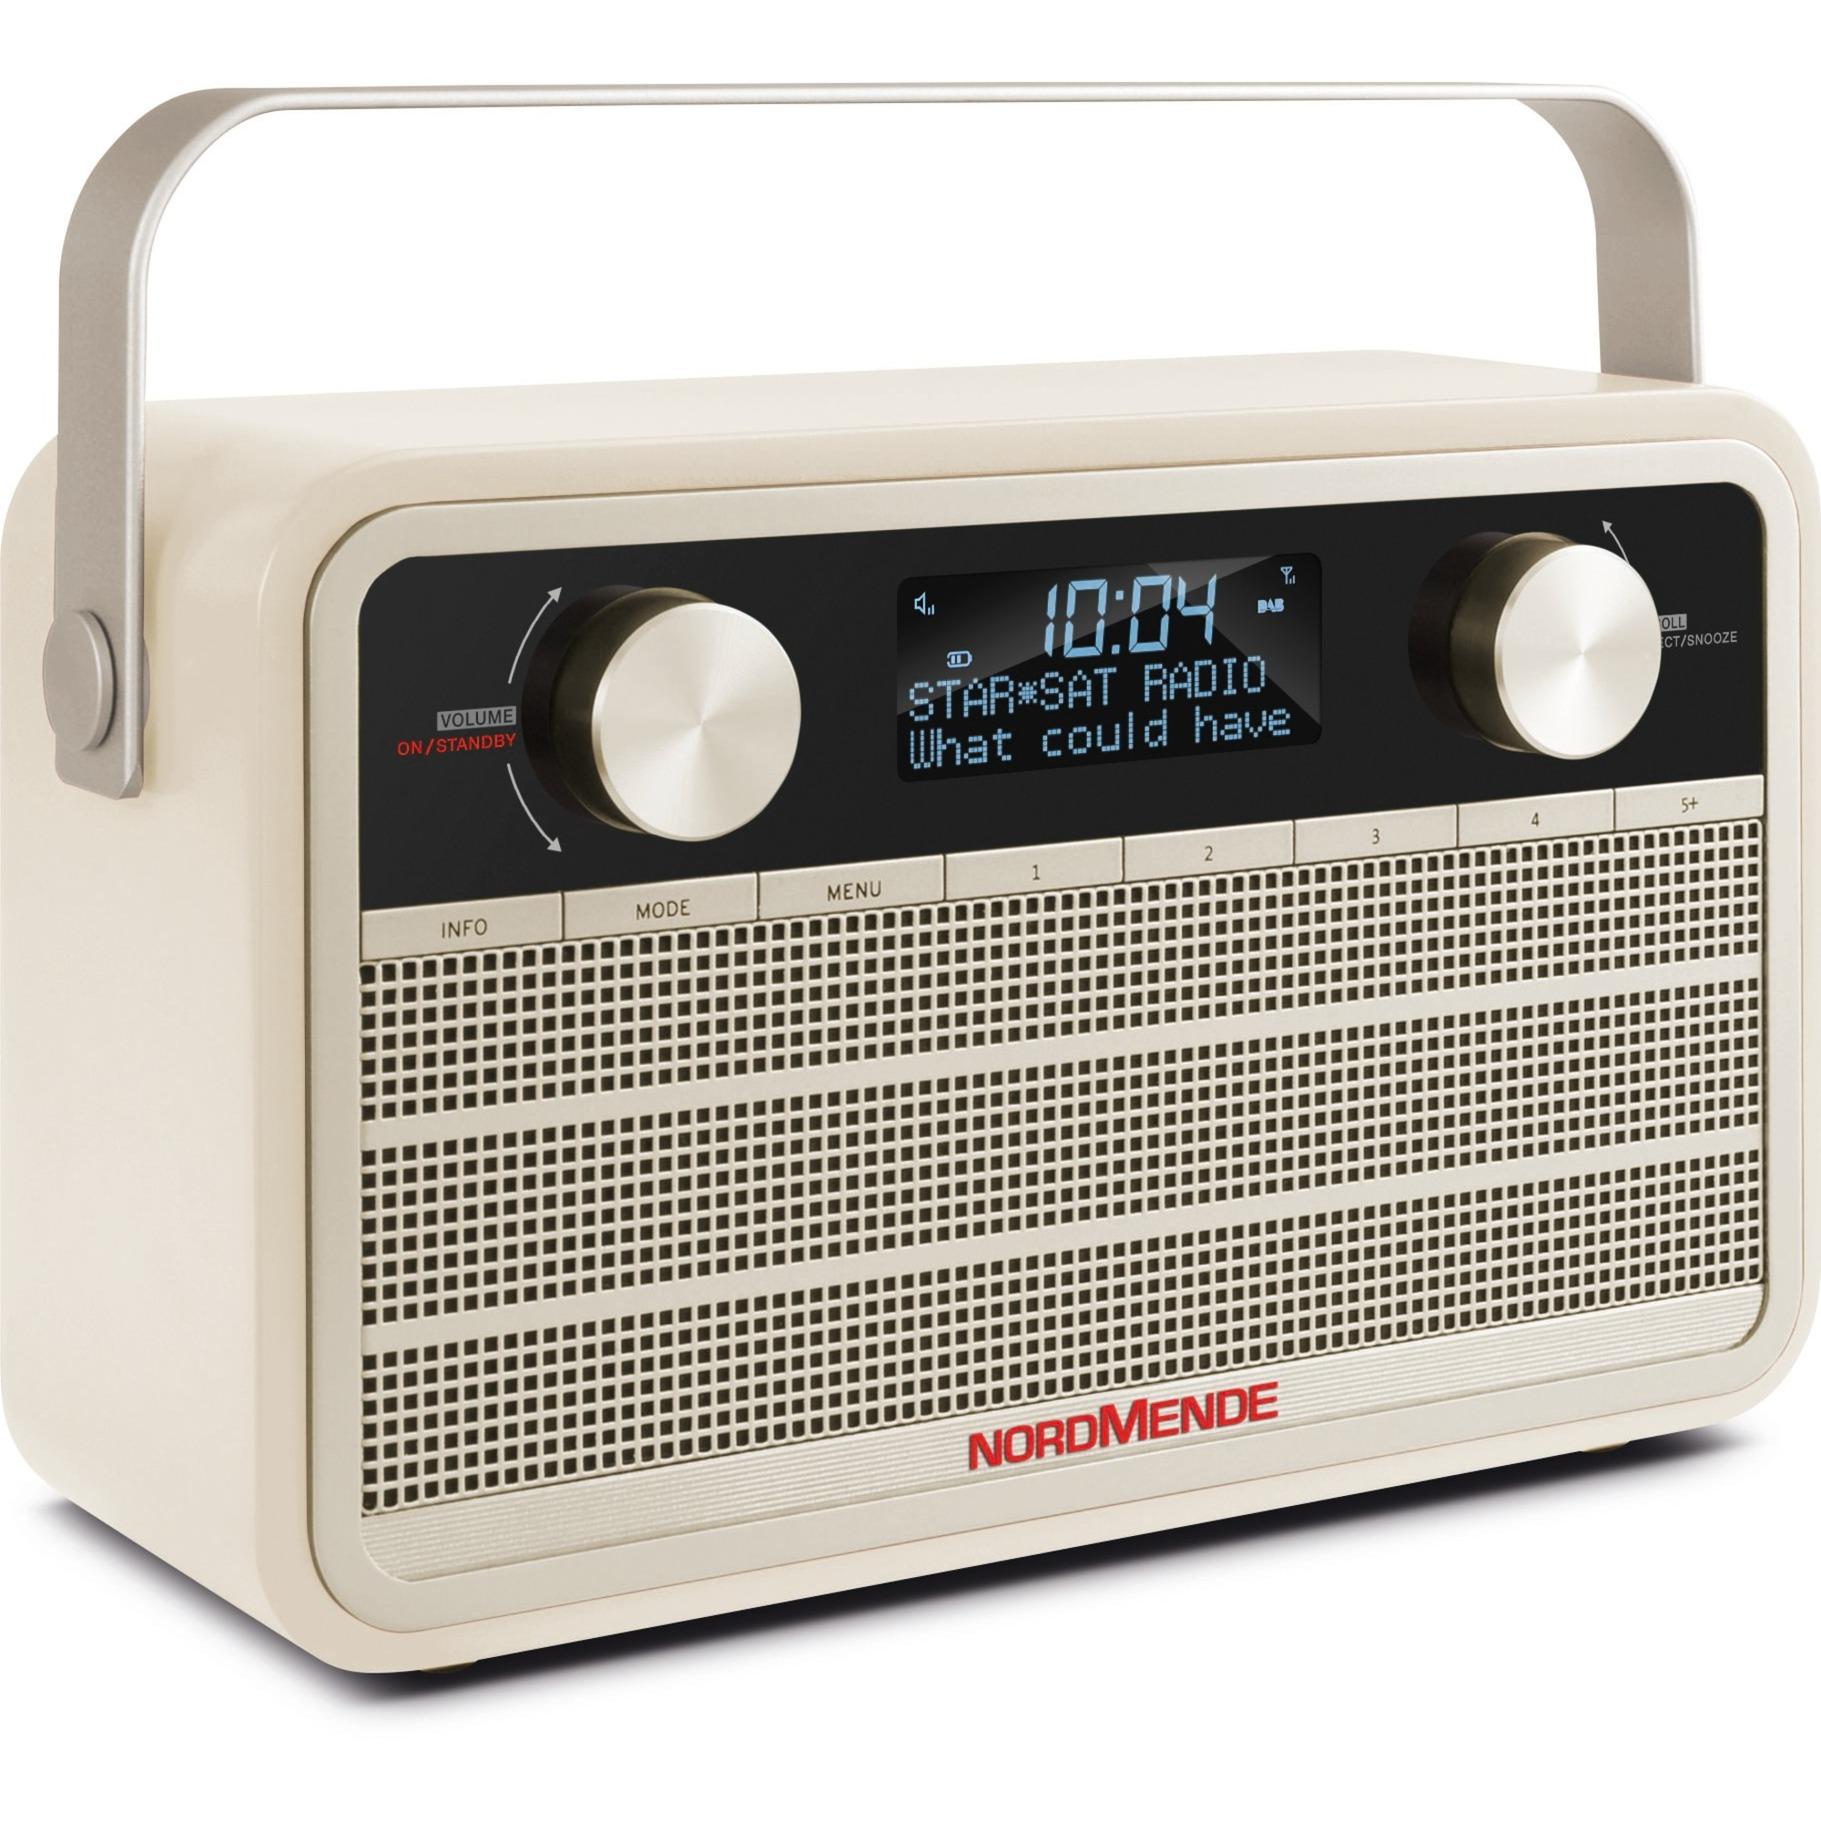 78-3001-01, Radio